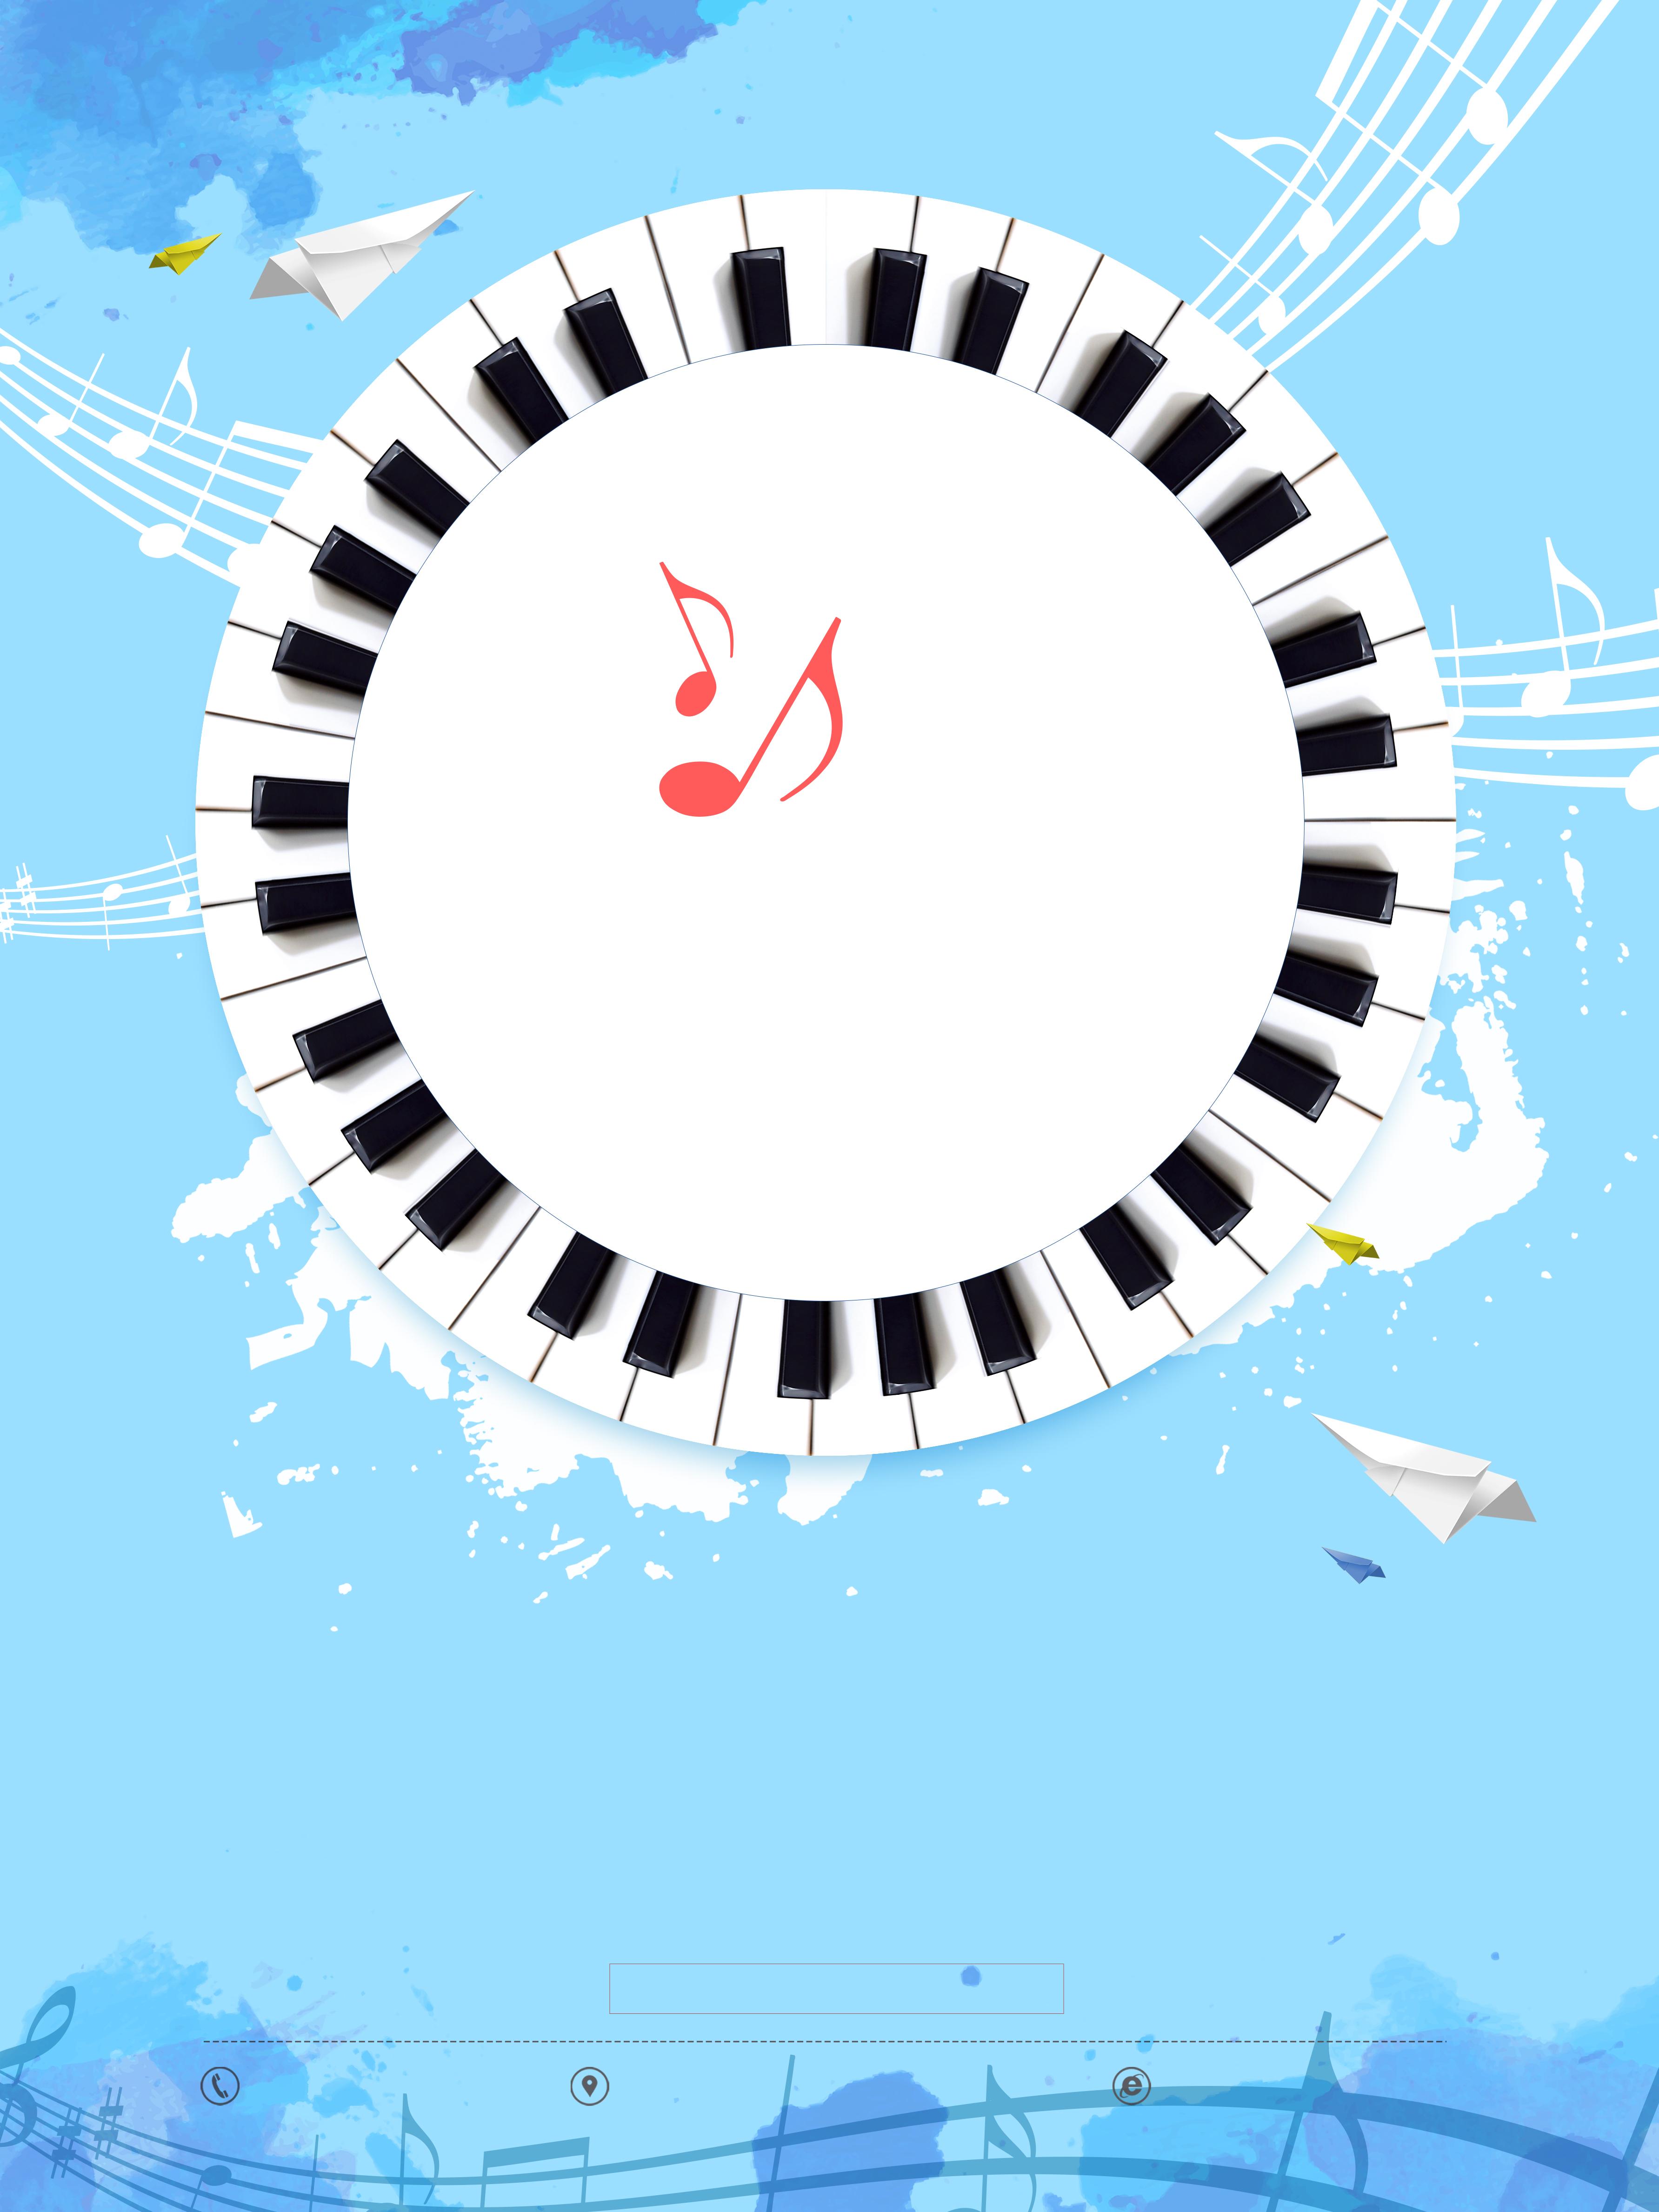 fond de publicit u00e9 musique piano fra u00eeche fond publicitaire